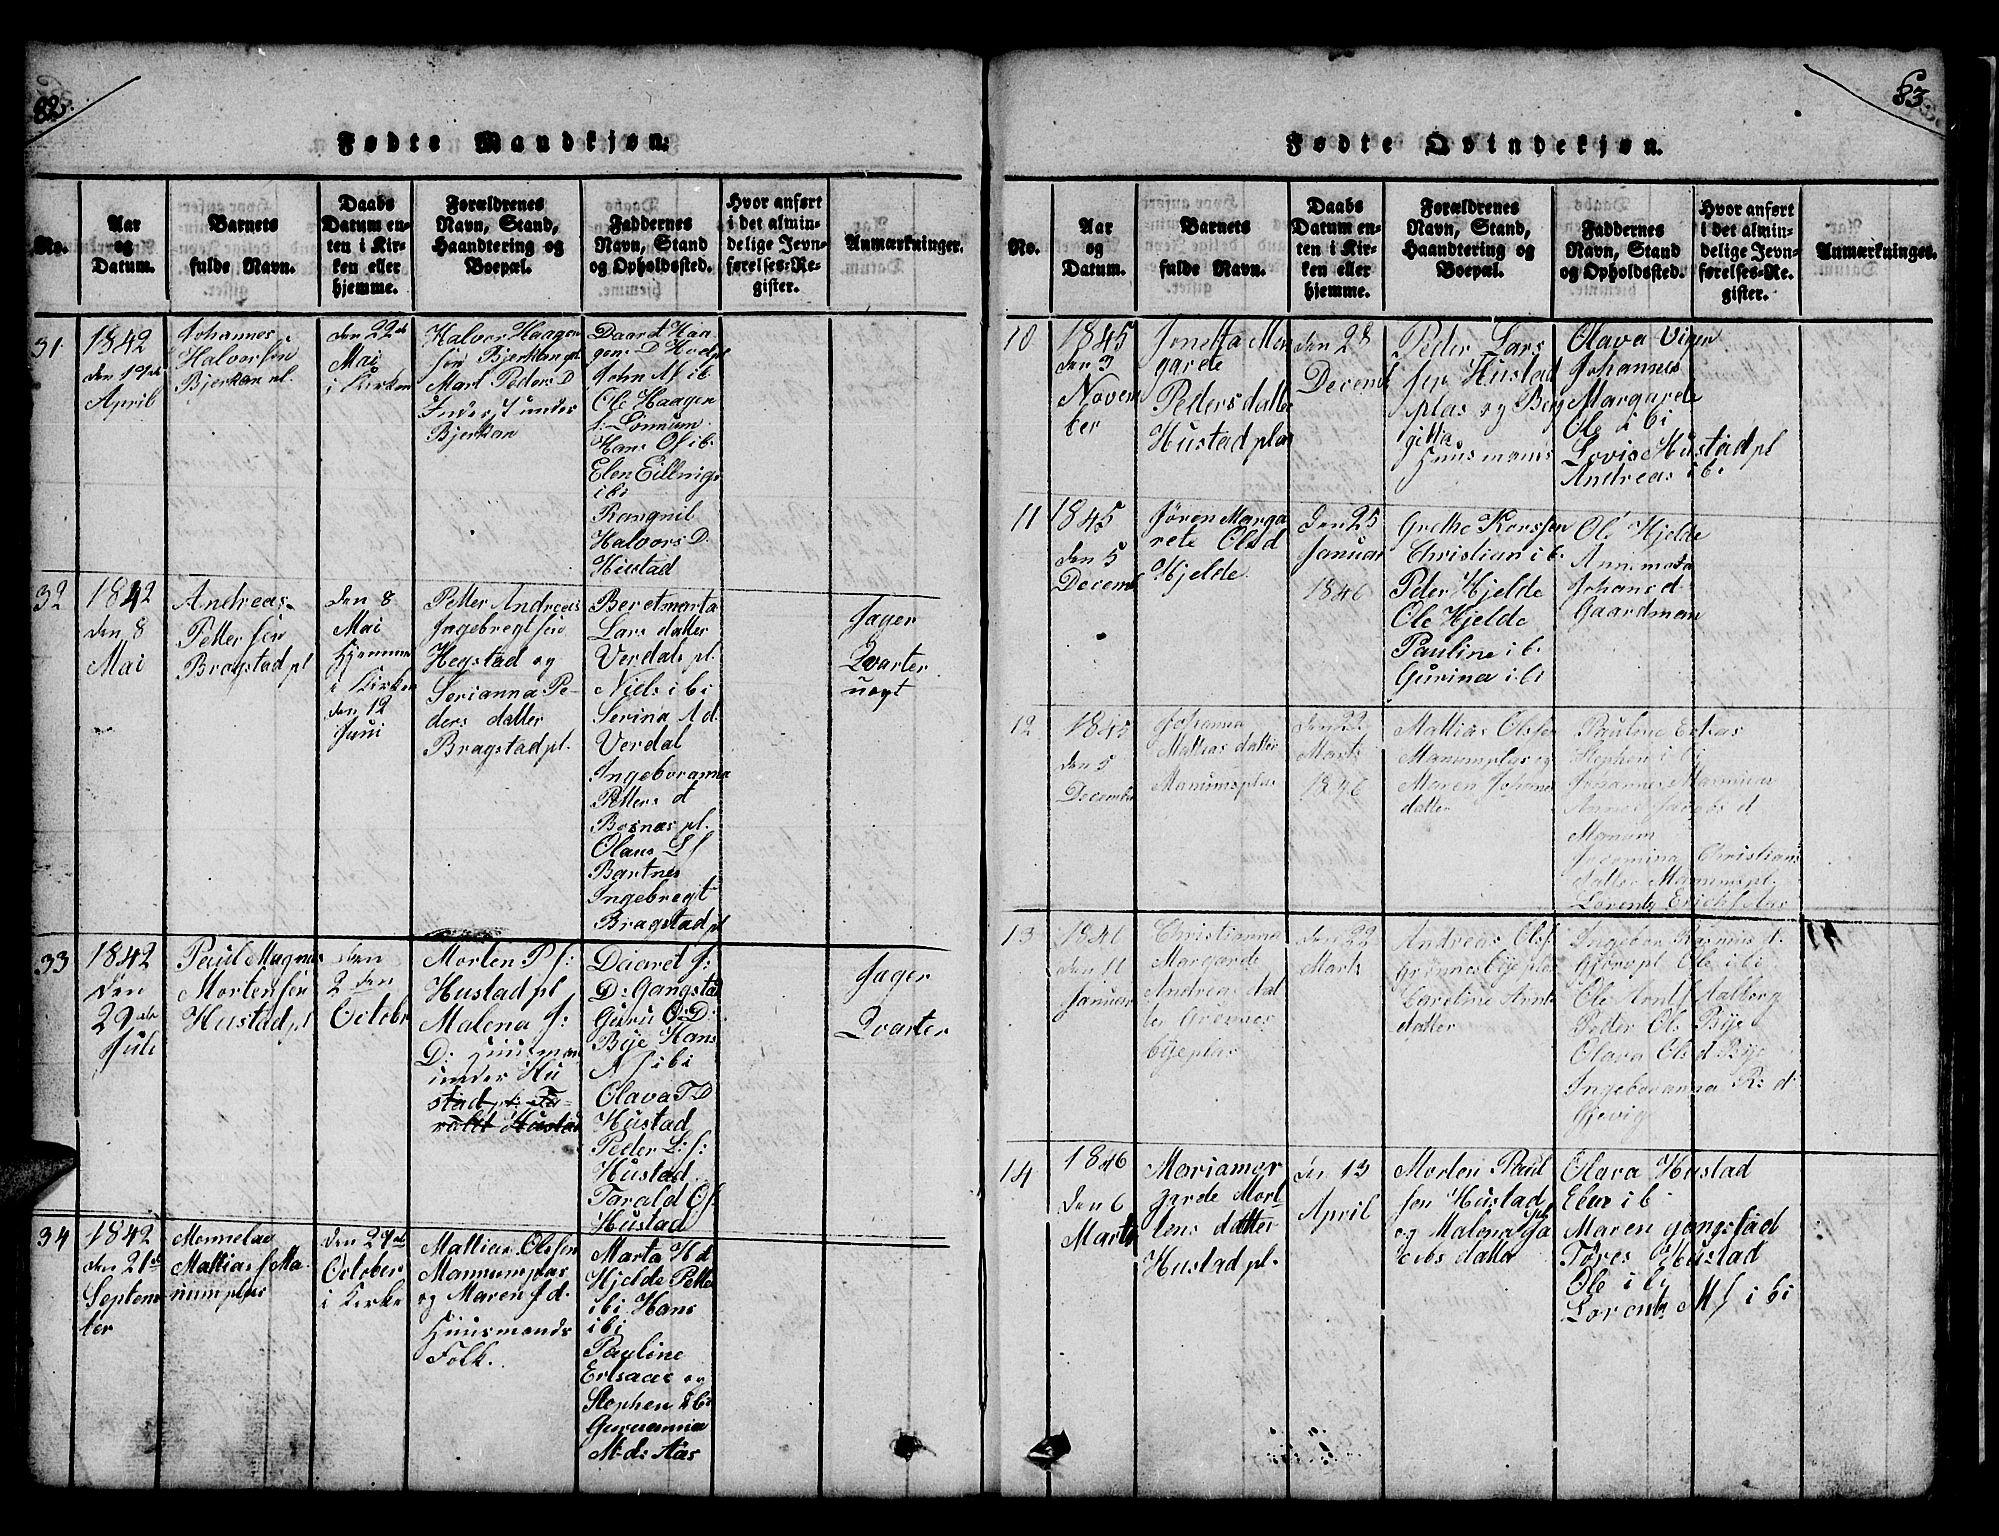 SAT, Ministerialprotokoller, klokkerbøker og fødselsregistre - Nord-Trøndelag, 732/L0317: Klokkerbok nr. 732C01, 1816-1881, s. 82-83